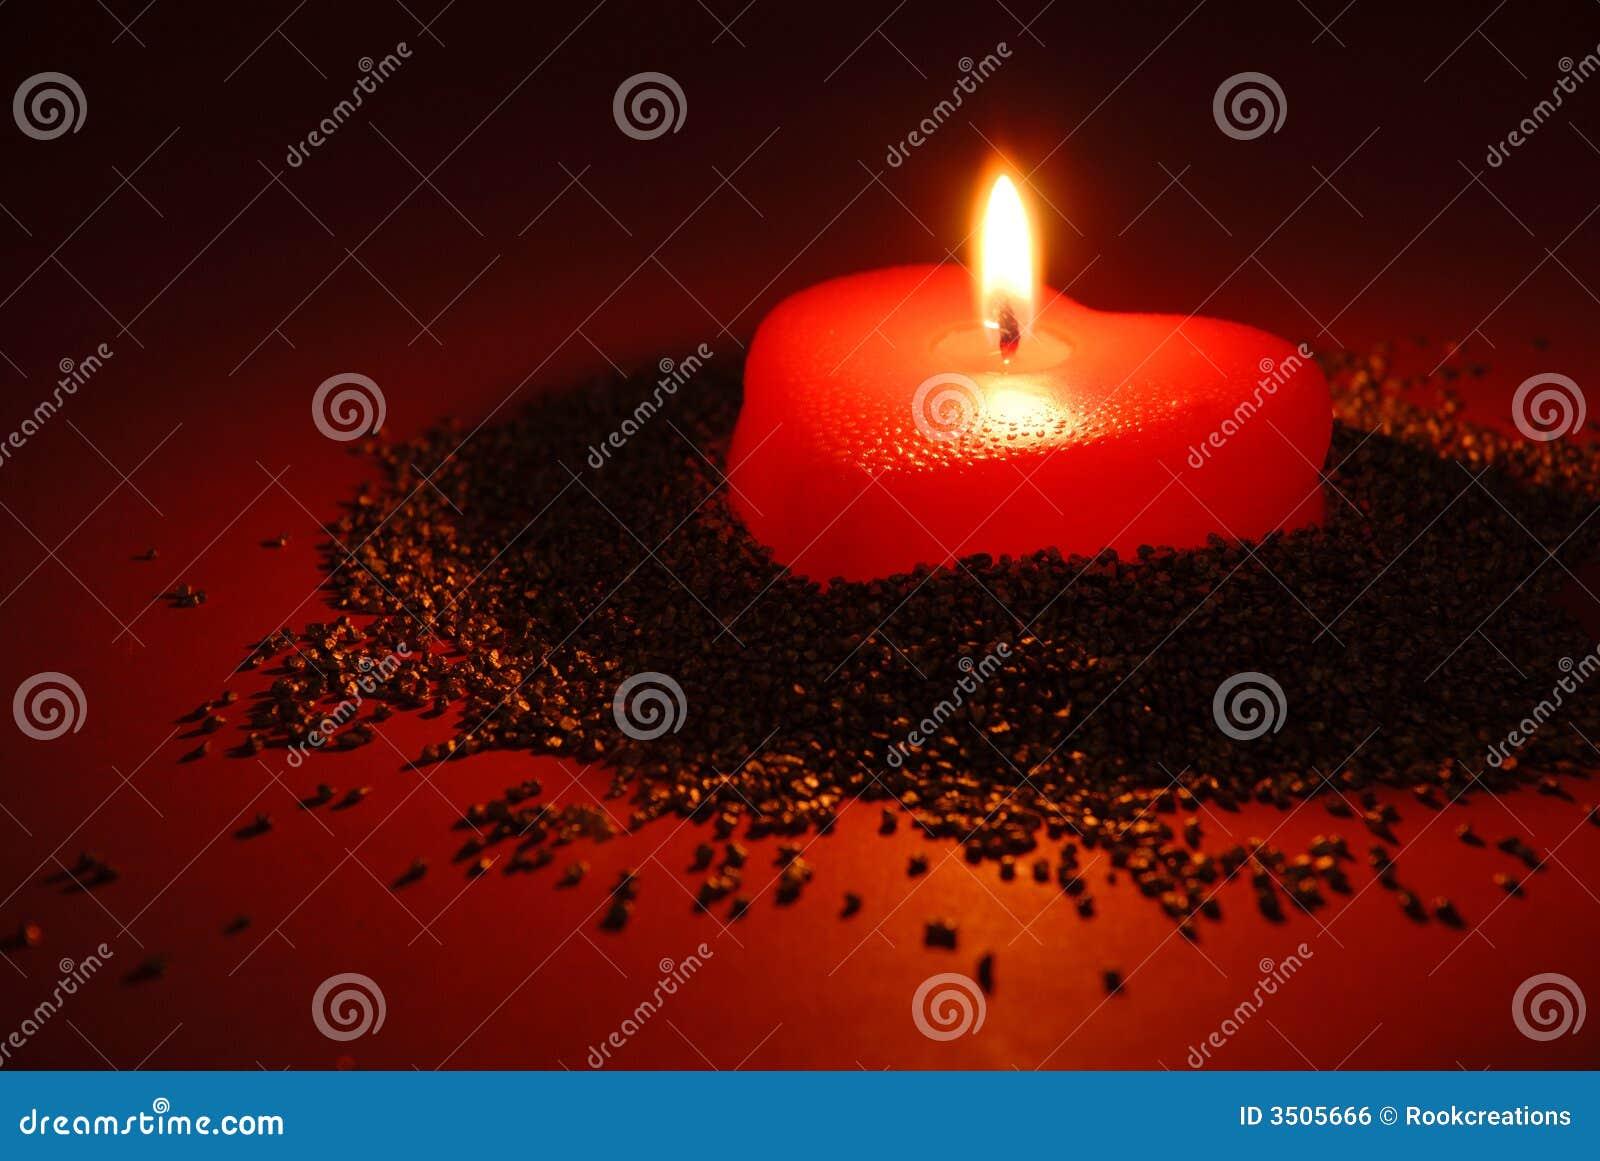 Une bougie romantique image libre de droits image 3505666 for Une fenetre une bougie